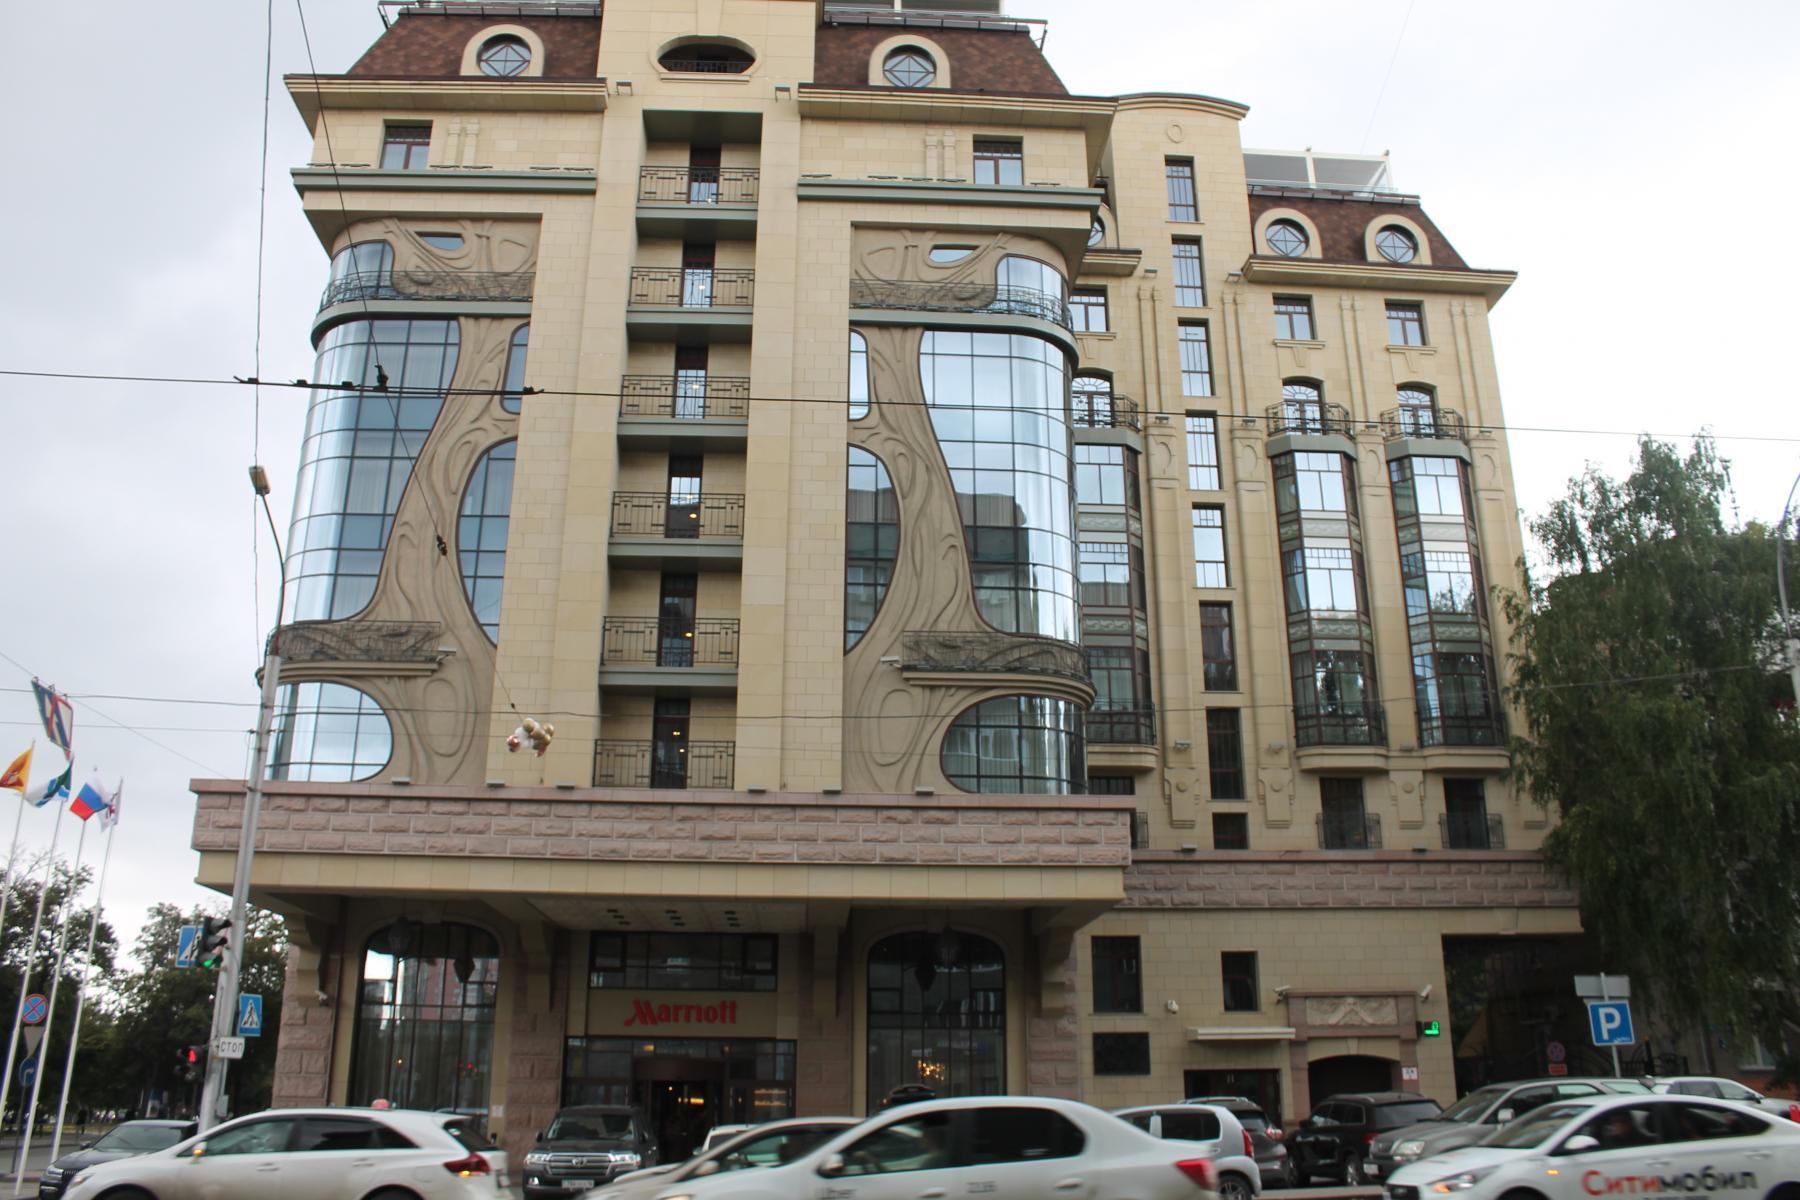 Фото Таинственное убийство в Marriott: новосибирского скульптора Игоря Самарина нашли с перерезанным горлом в отеле 2